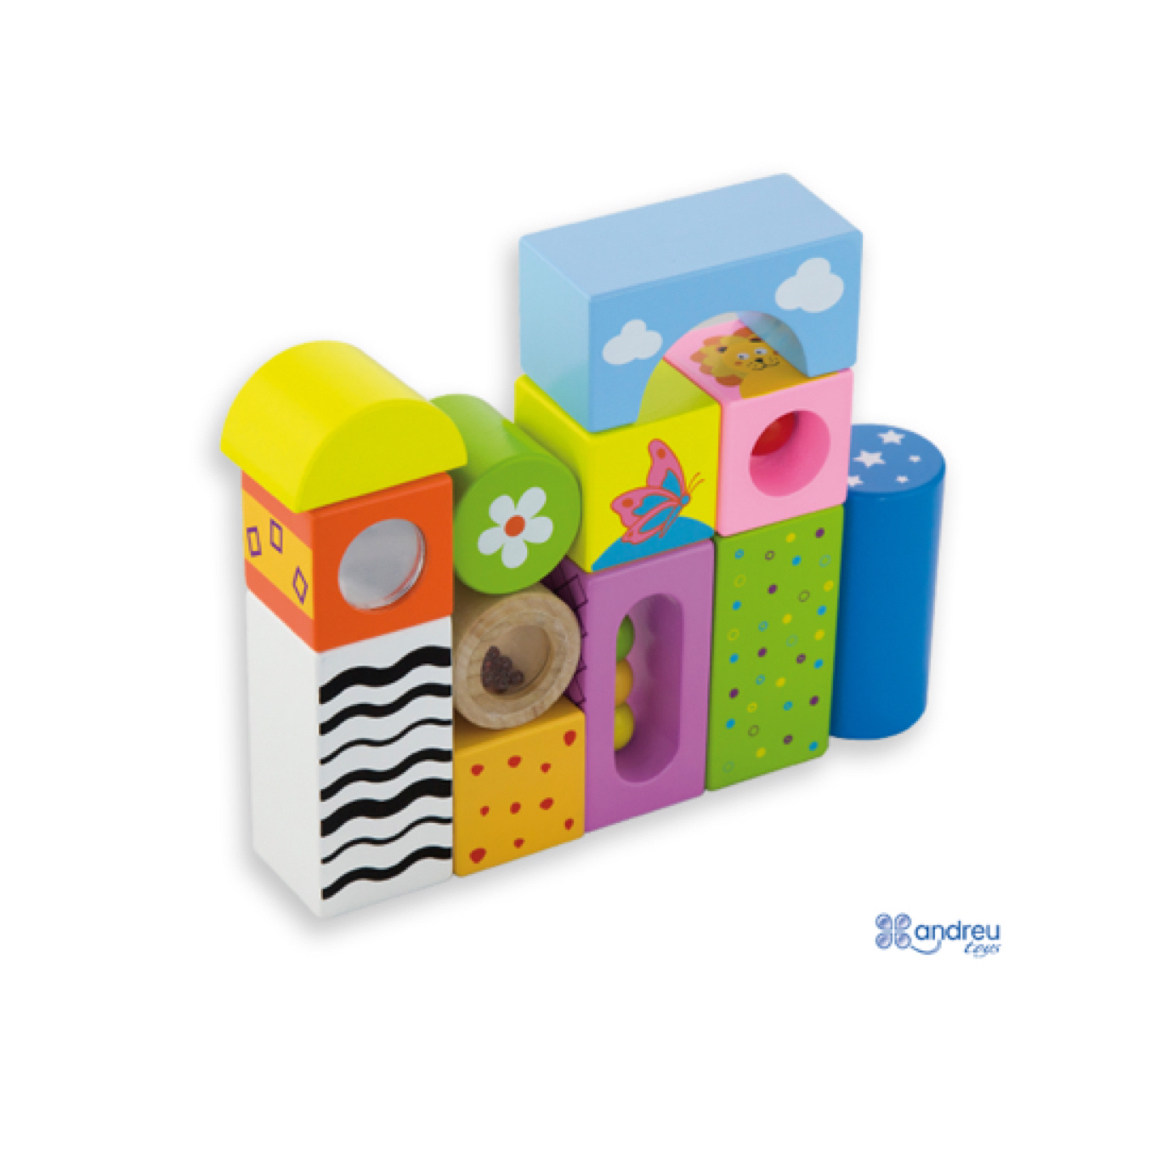 bloques-sonoros-de-wonderworl-en-el-mundo-de-mico-4